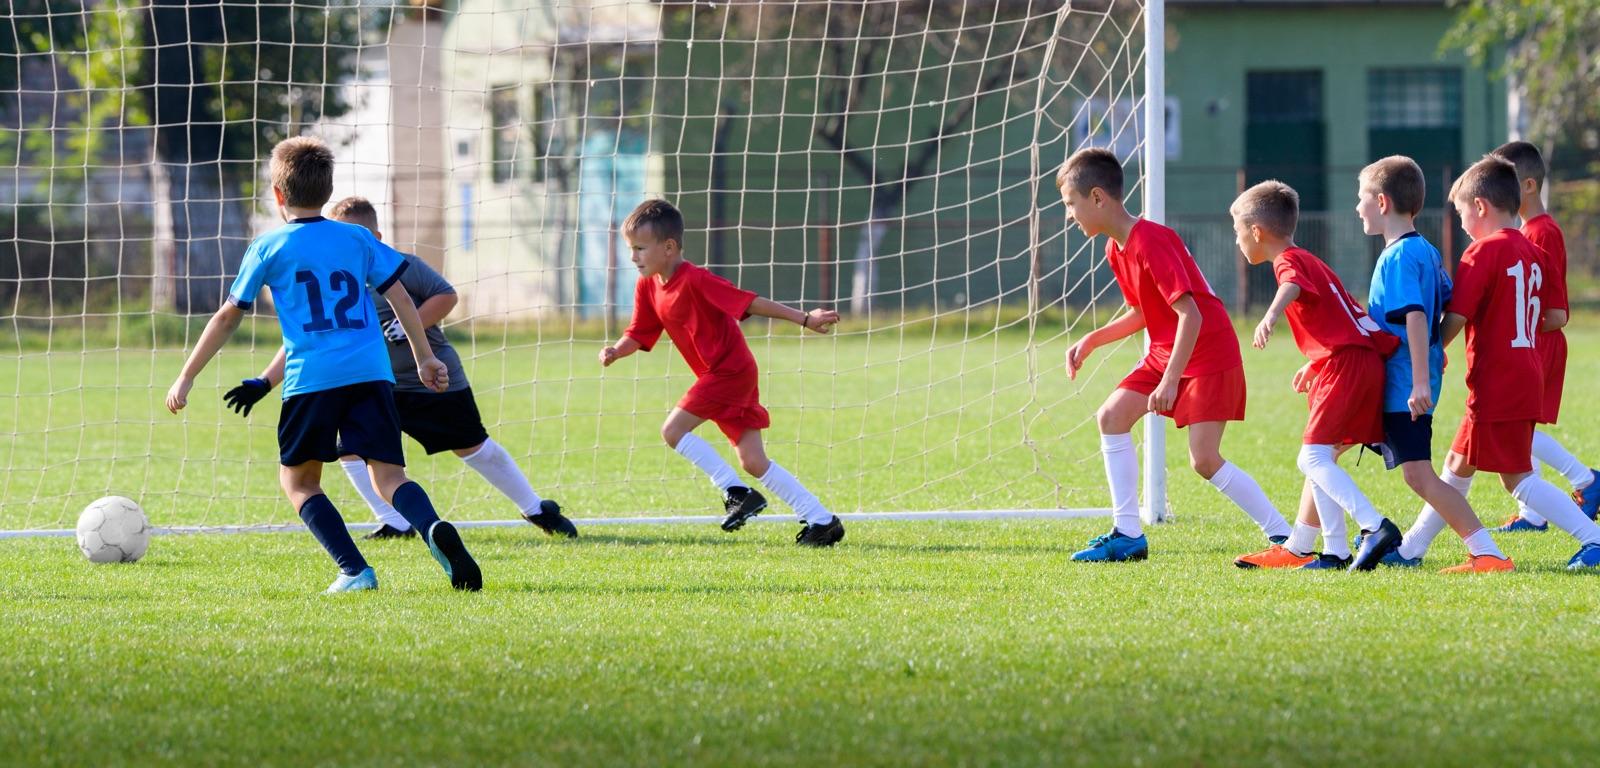 foto van een jong voetbalteam in actie bij doel